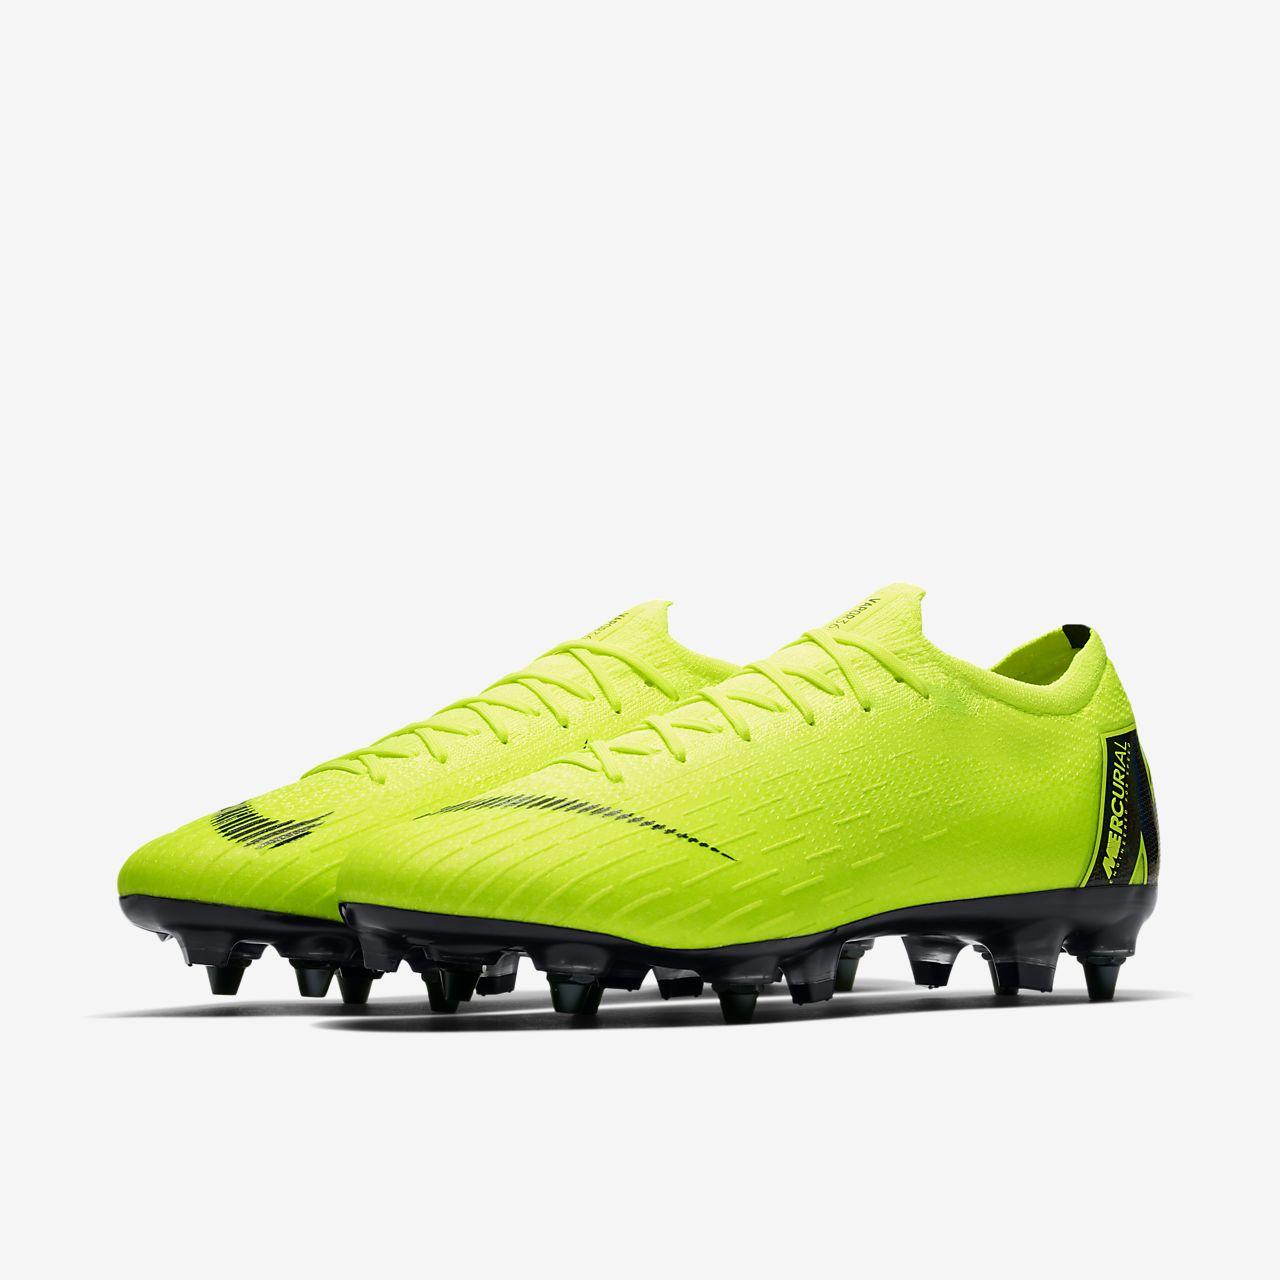 Nike Sg Chaussure Football Crampons Anti Mercurial Clog Pour 360 Terrain À Gras De Elite Pro Vapor SMqUVpz